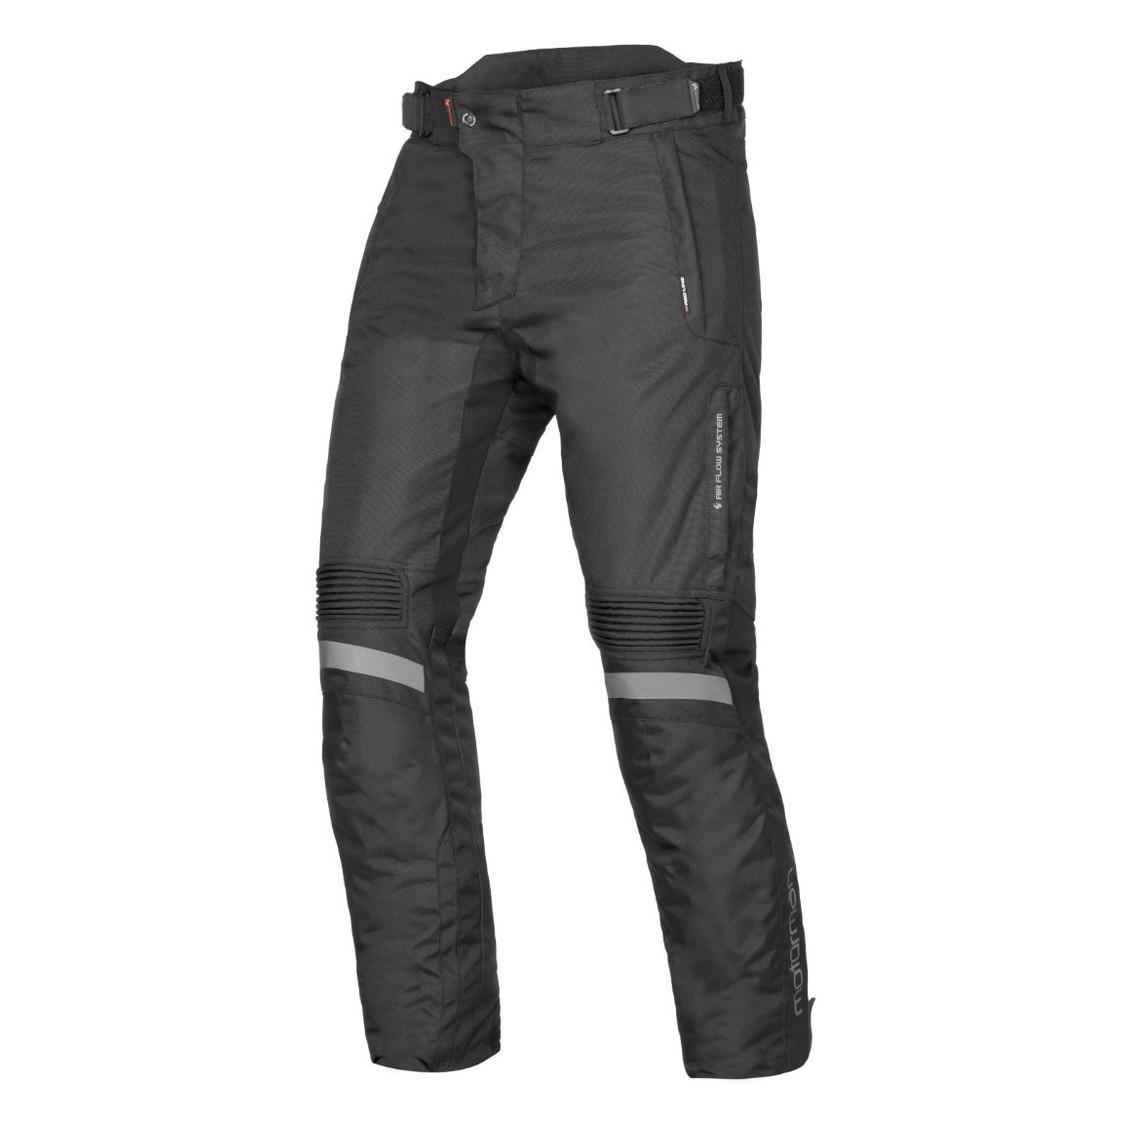 Pantalon de Turismo Motorman Lancer con Protecciones